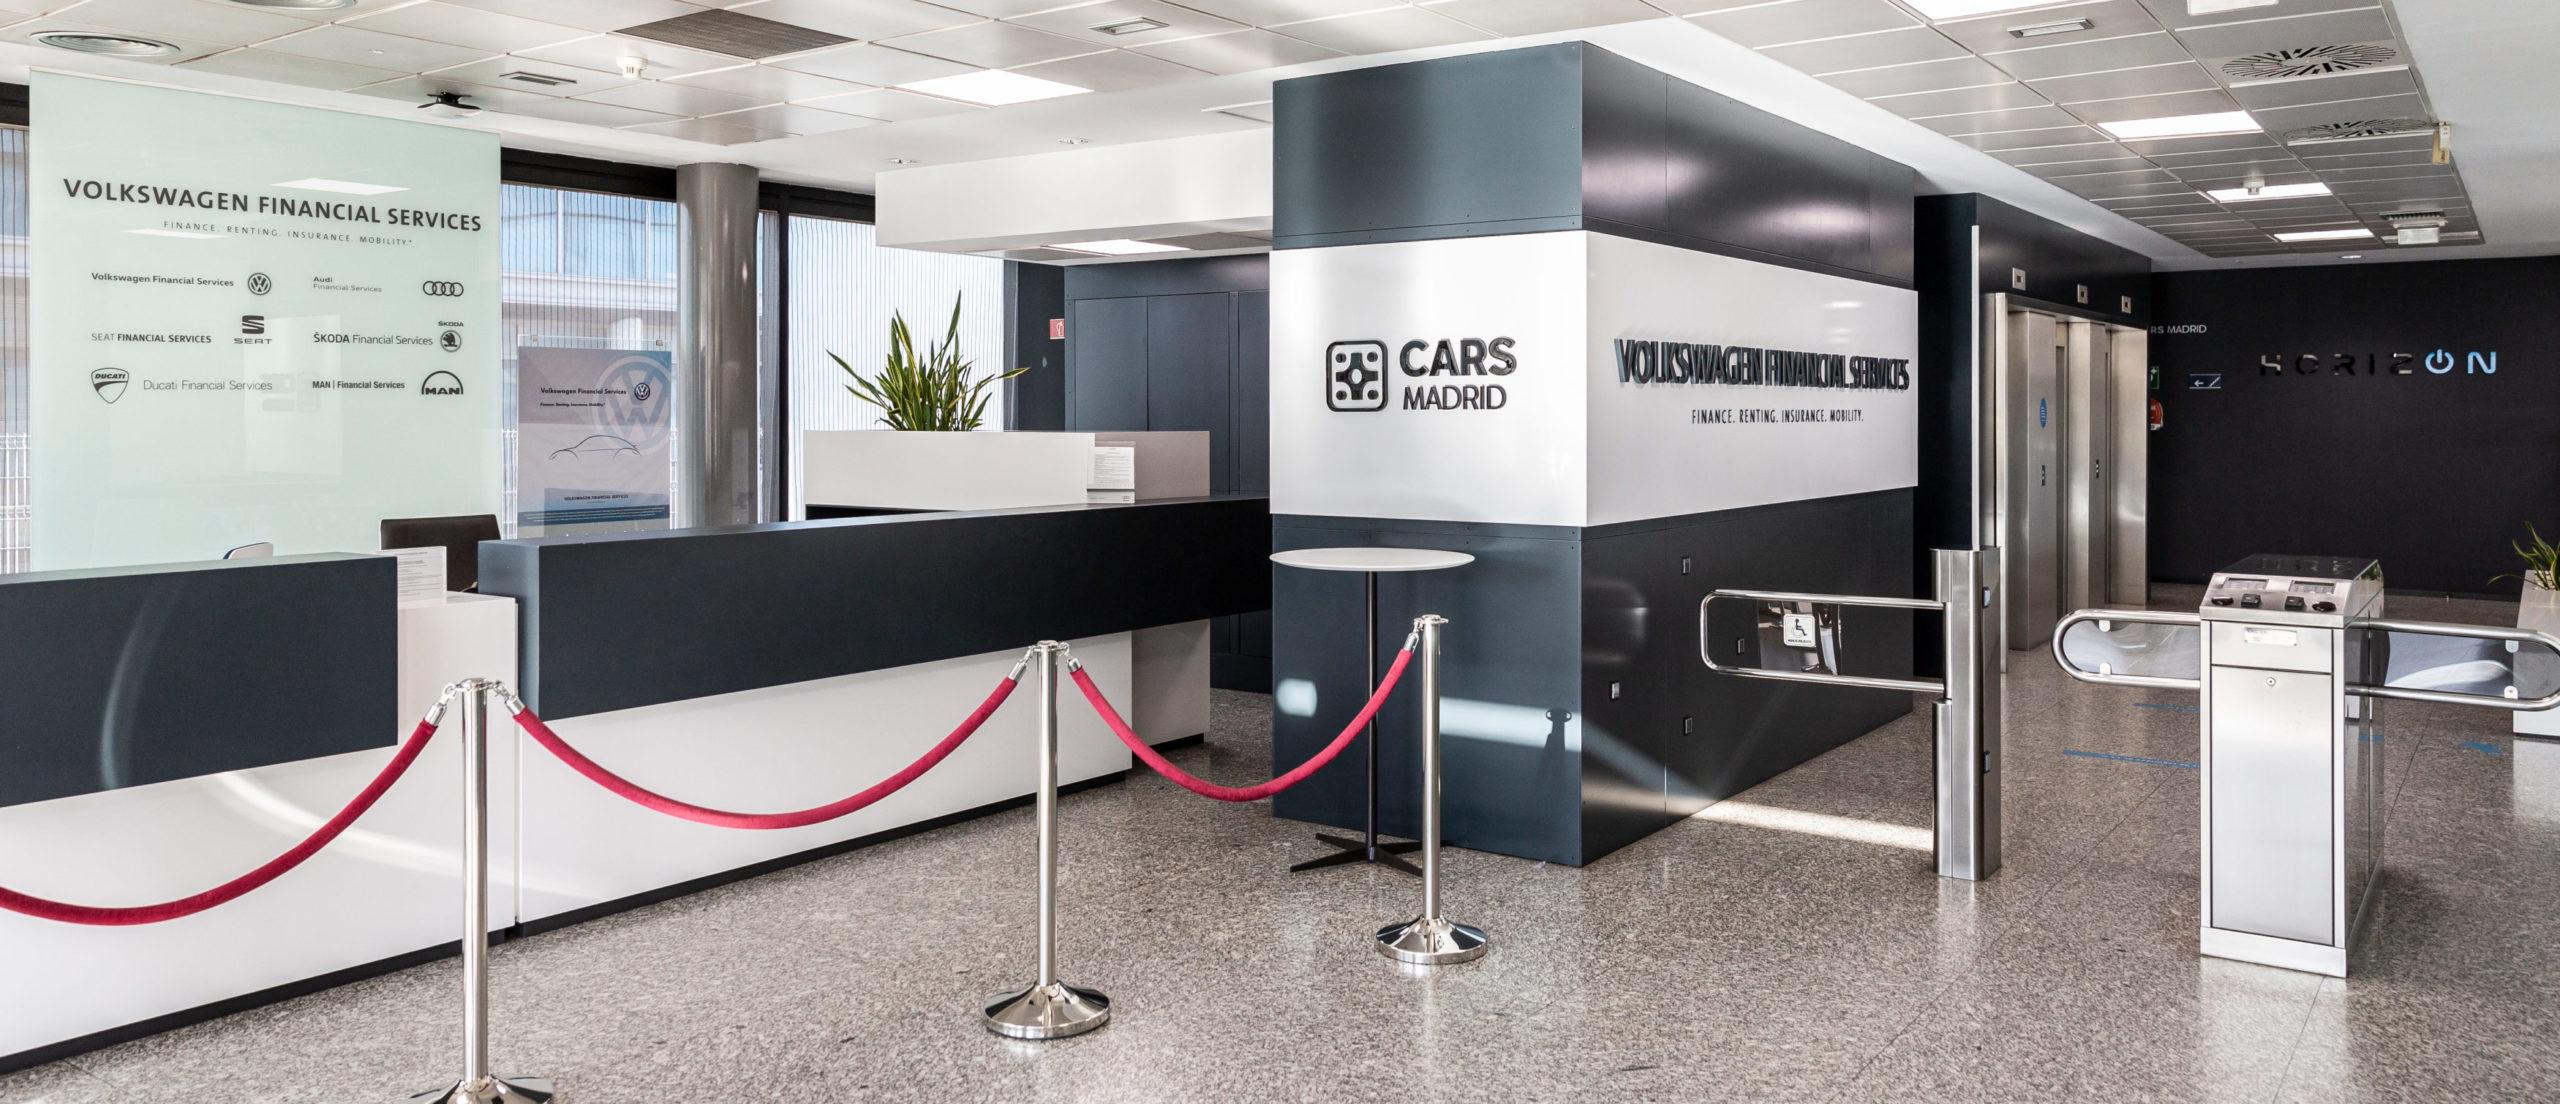 CARS Madrid Centro de Atención y Rehabilitación Sanitaria del Grupo Volkswagen